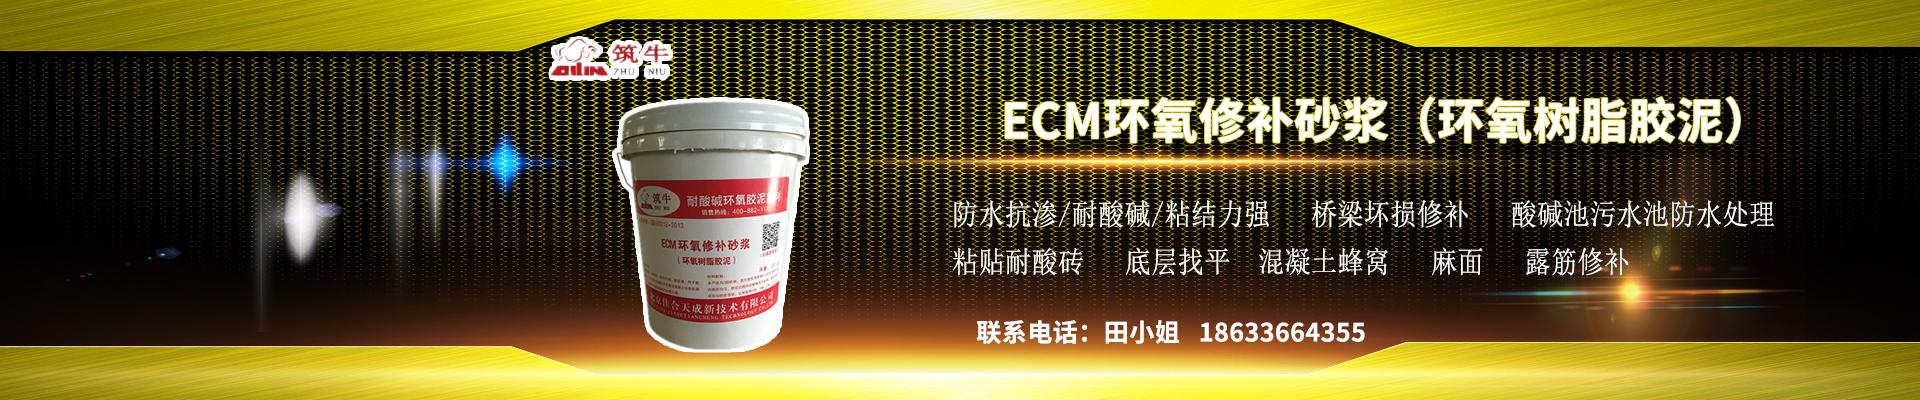 北京佳合天成新技术有限公司